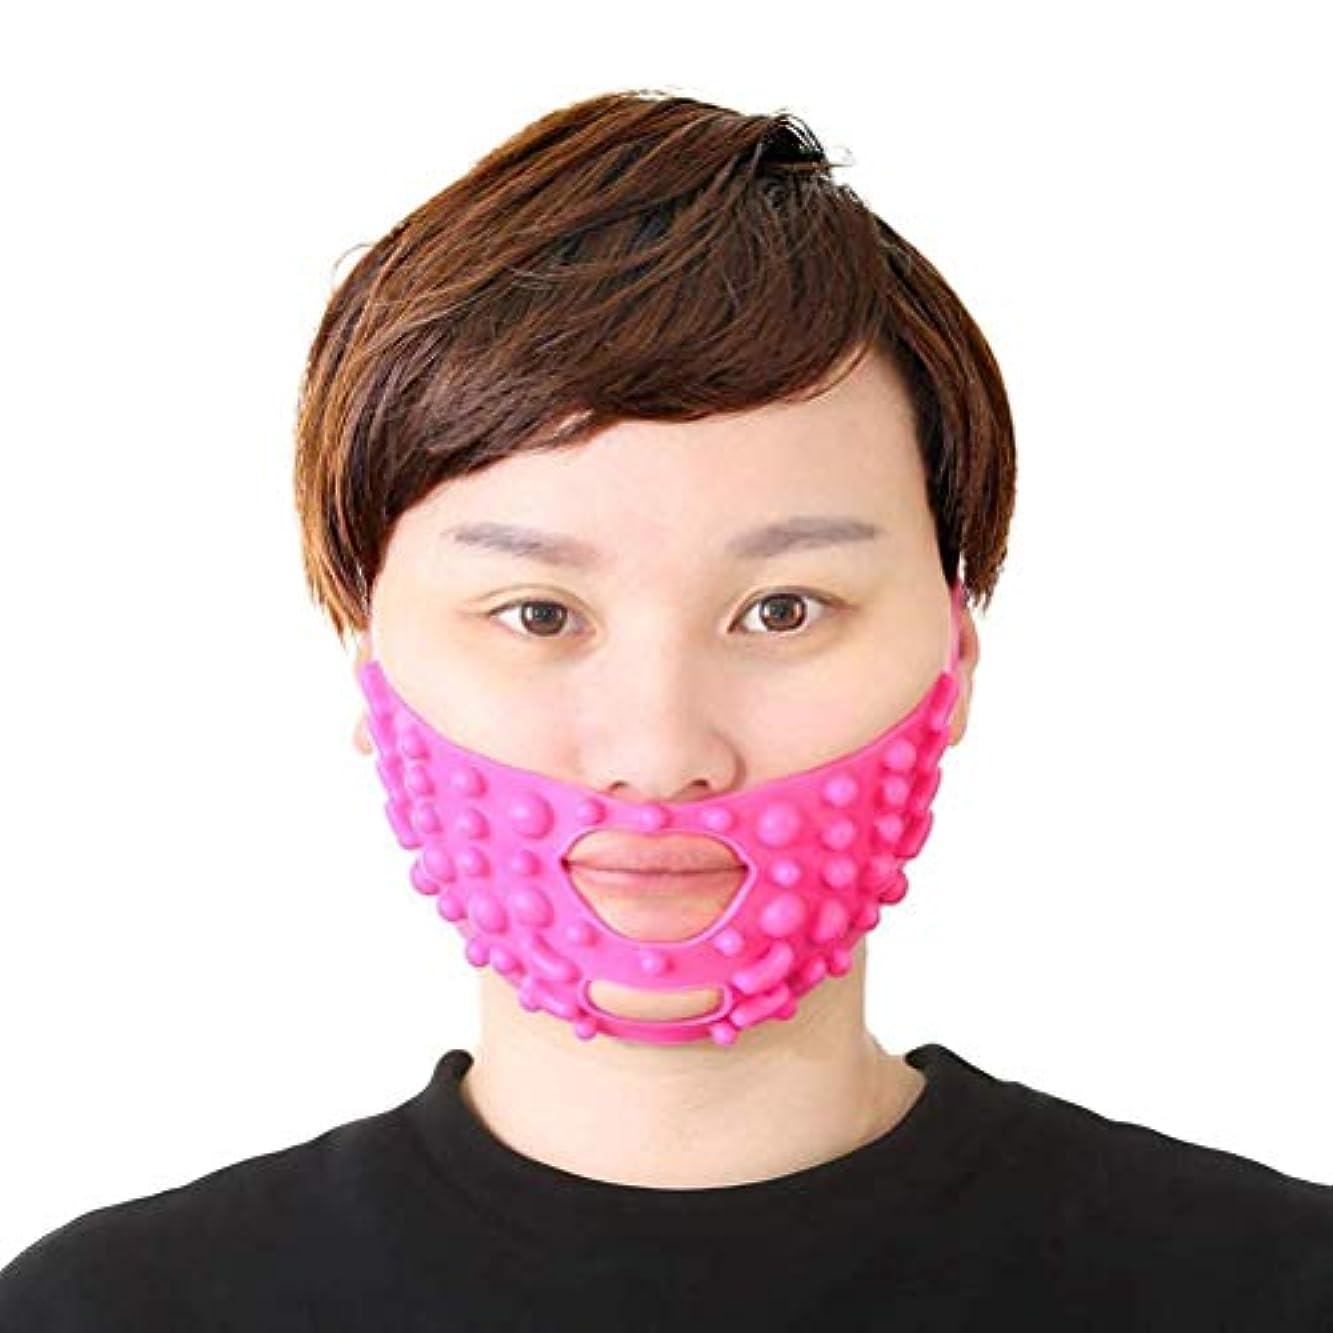 毎日一回有効な二重あごベルト、薄いフェイスマスク包帯、頬スリムVフェイスベルト、痩身包帯通気性ストレッチ